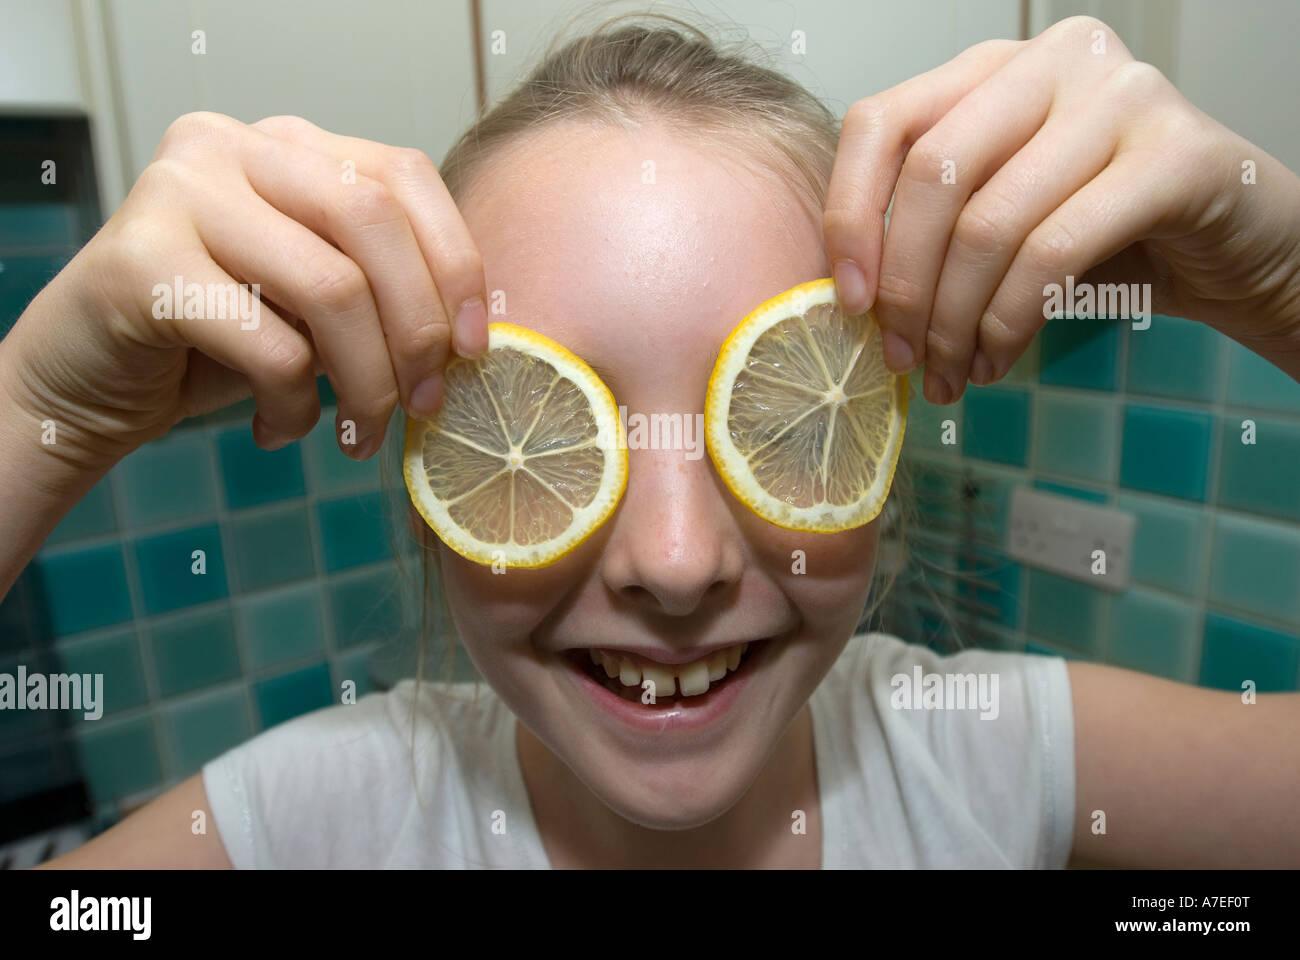 Ragazza giovane ride come lei pone le fette di limone davanti al suo volto per occhi REGNO UNITO Immagini Stock